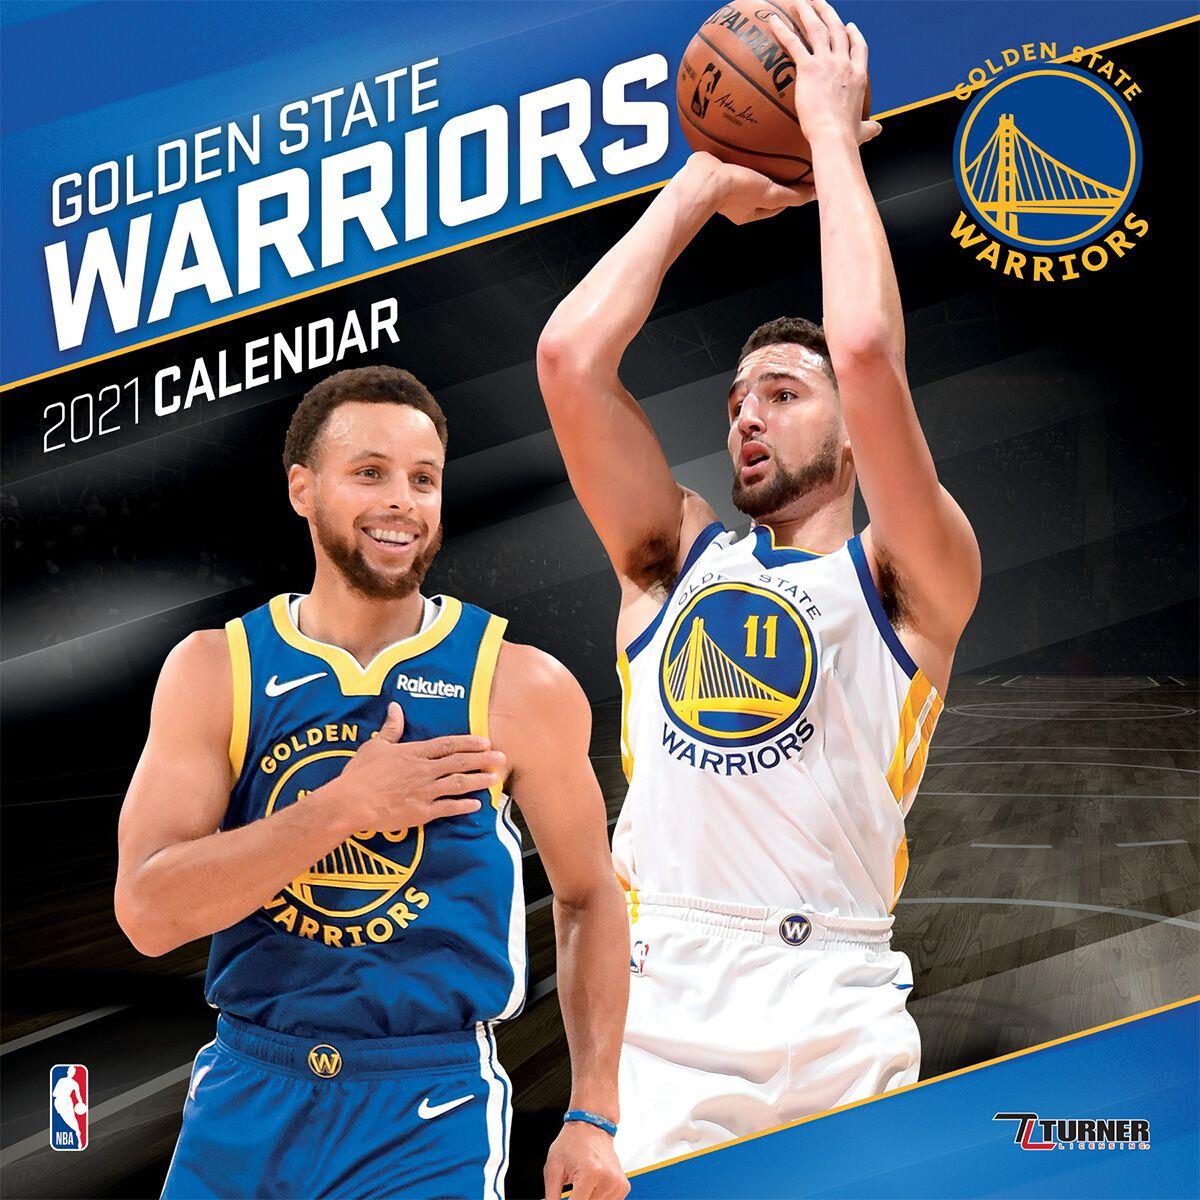 Calendrier 2021 Nba Golden State Warriors   Calendar 2021 | NBA Wall Calendar | EMP